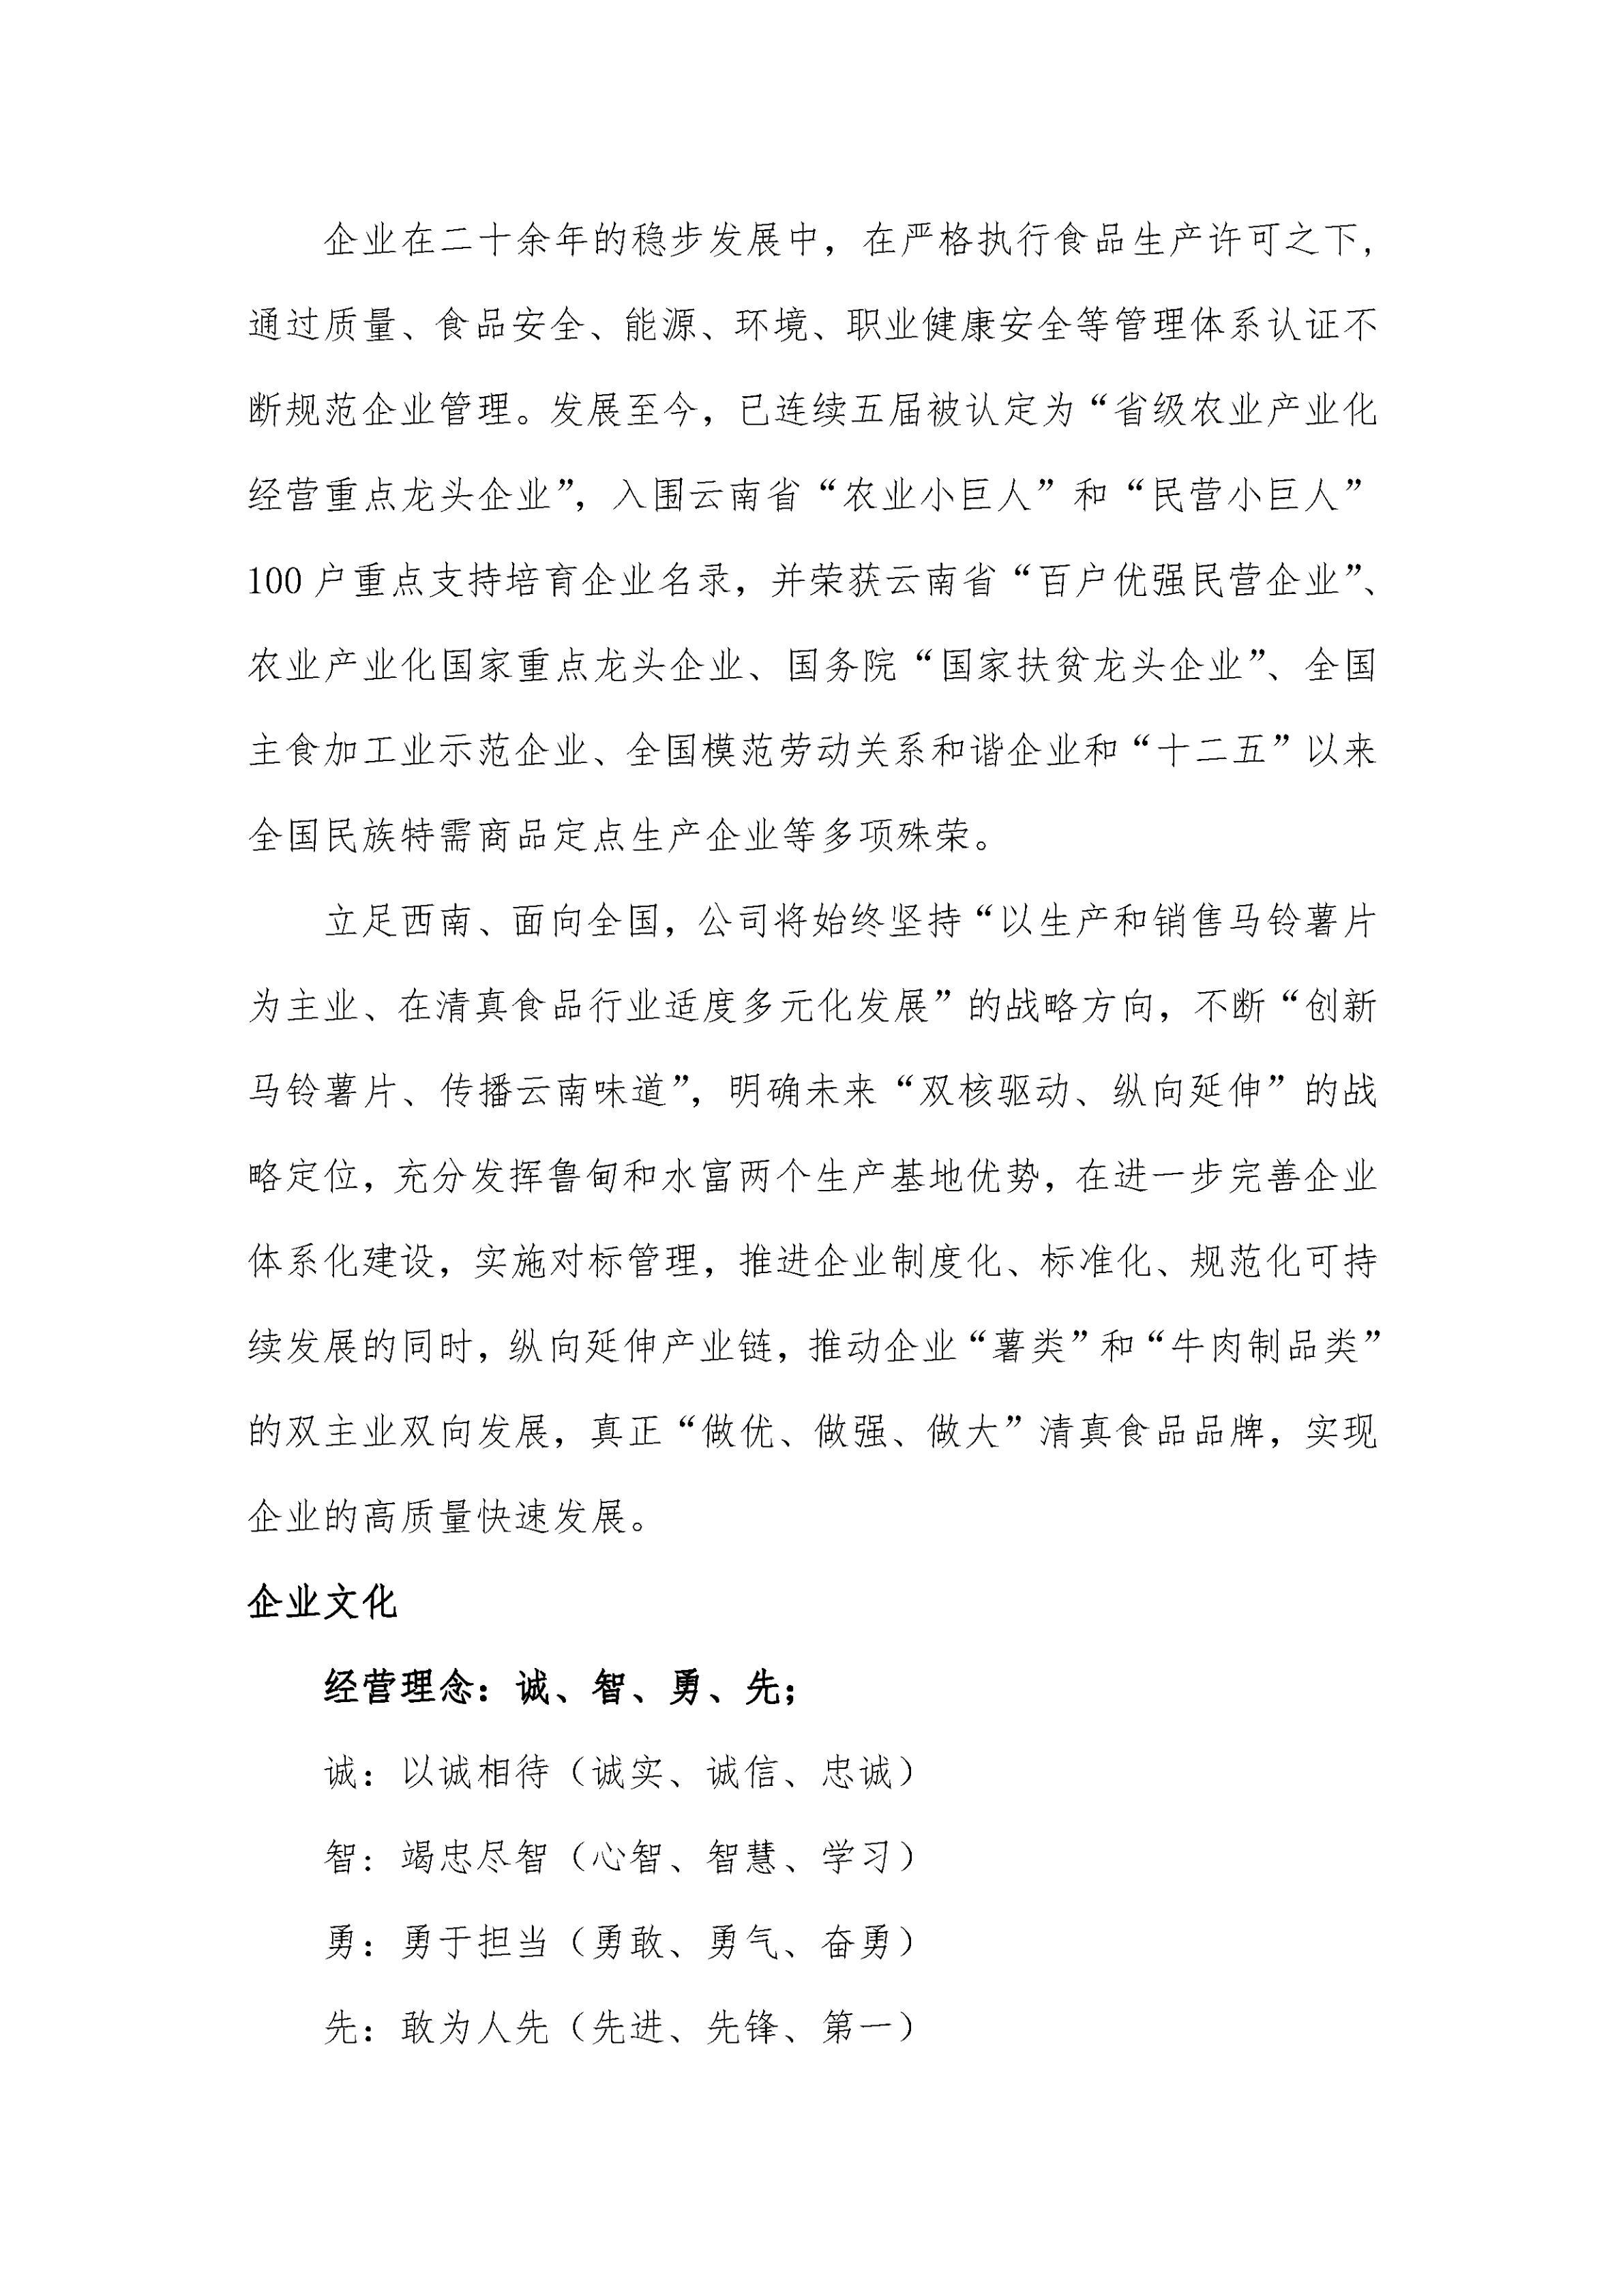 云南理世实业(集团)有限责任公司2019年社会责任报告.FR11_04.jpg